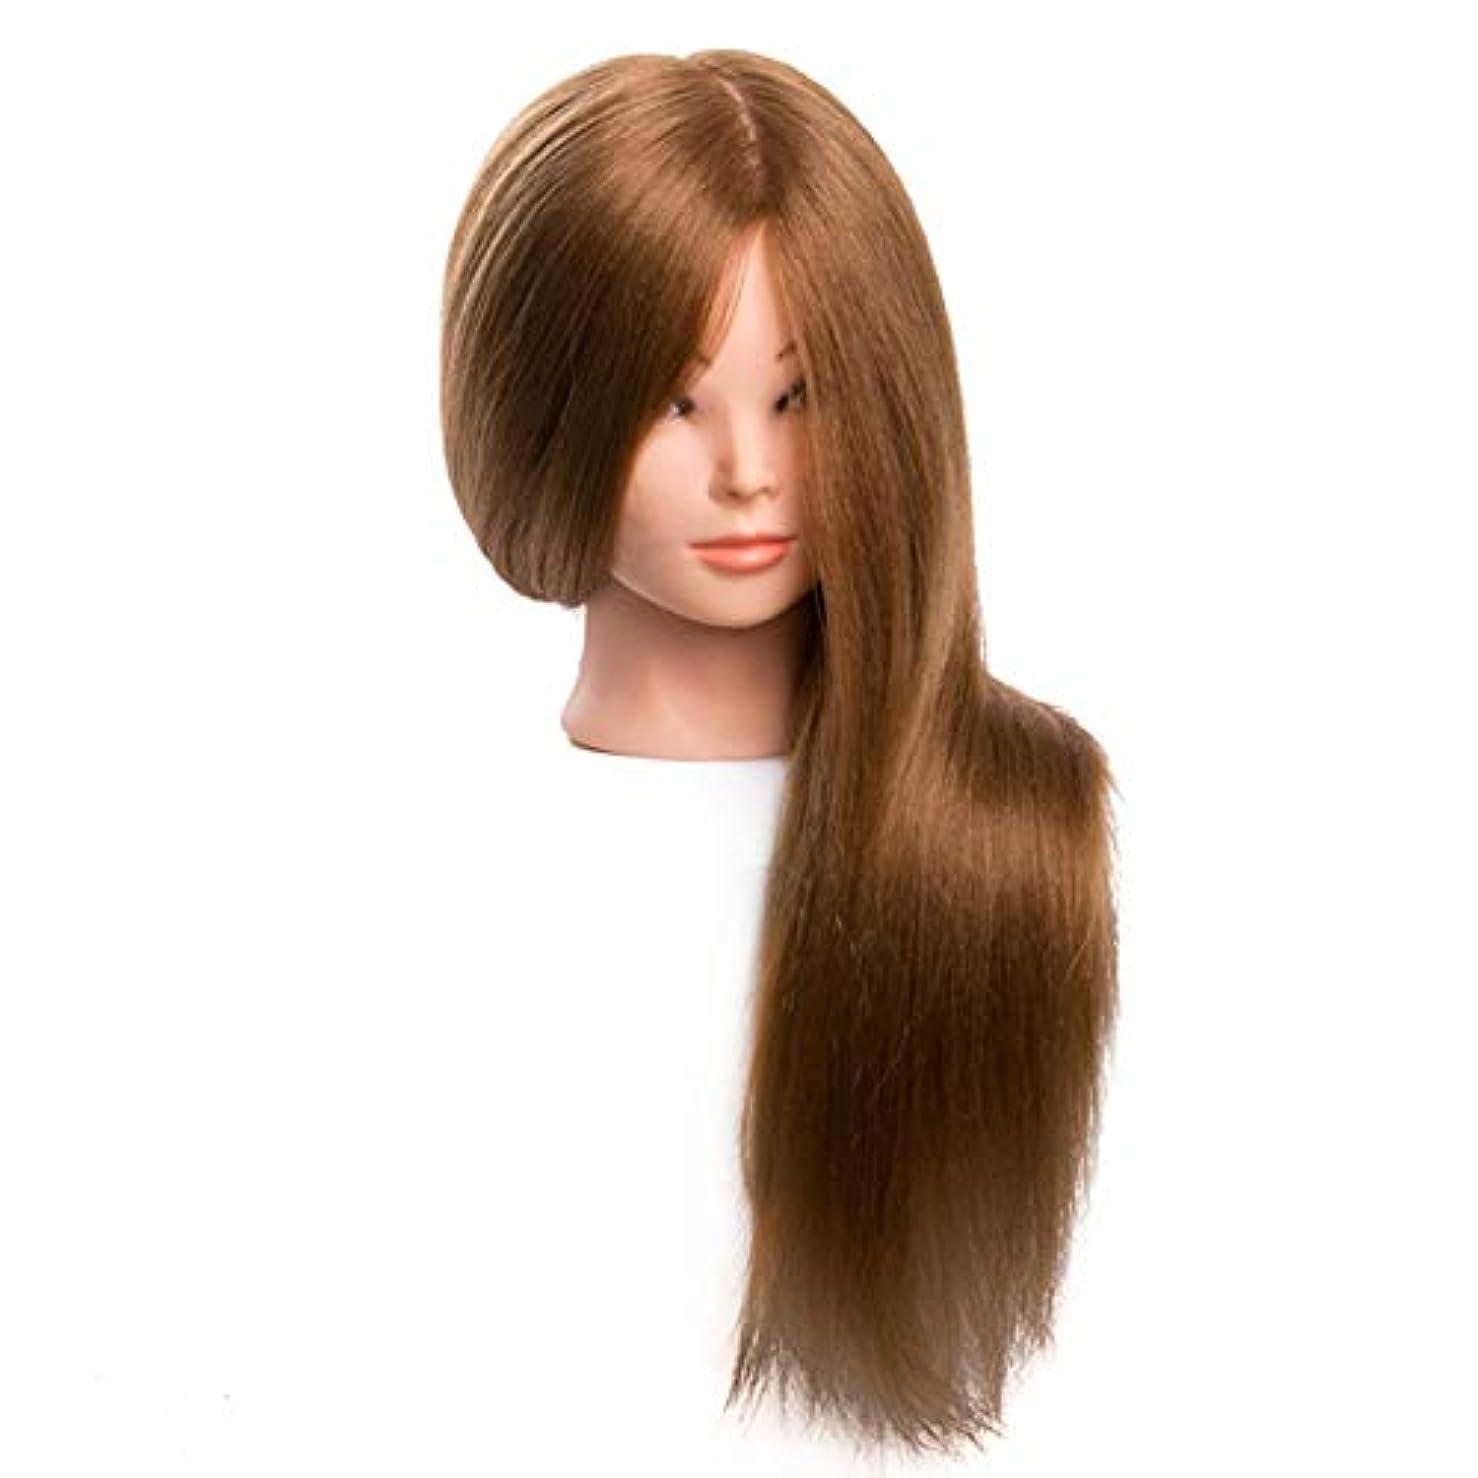 少し空虚小麦粉サロンエクササイズヘッド金型メイクディスクヘアスタイリング編組ティーチングダミーヘッド理髪ヘアカットトレーニングかつら3個